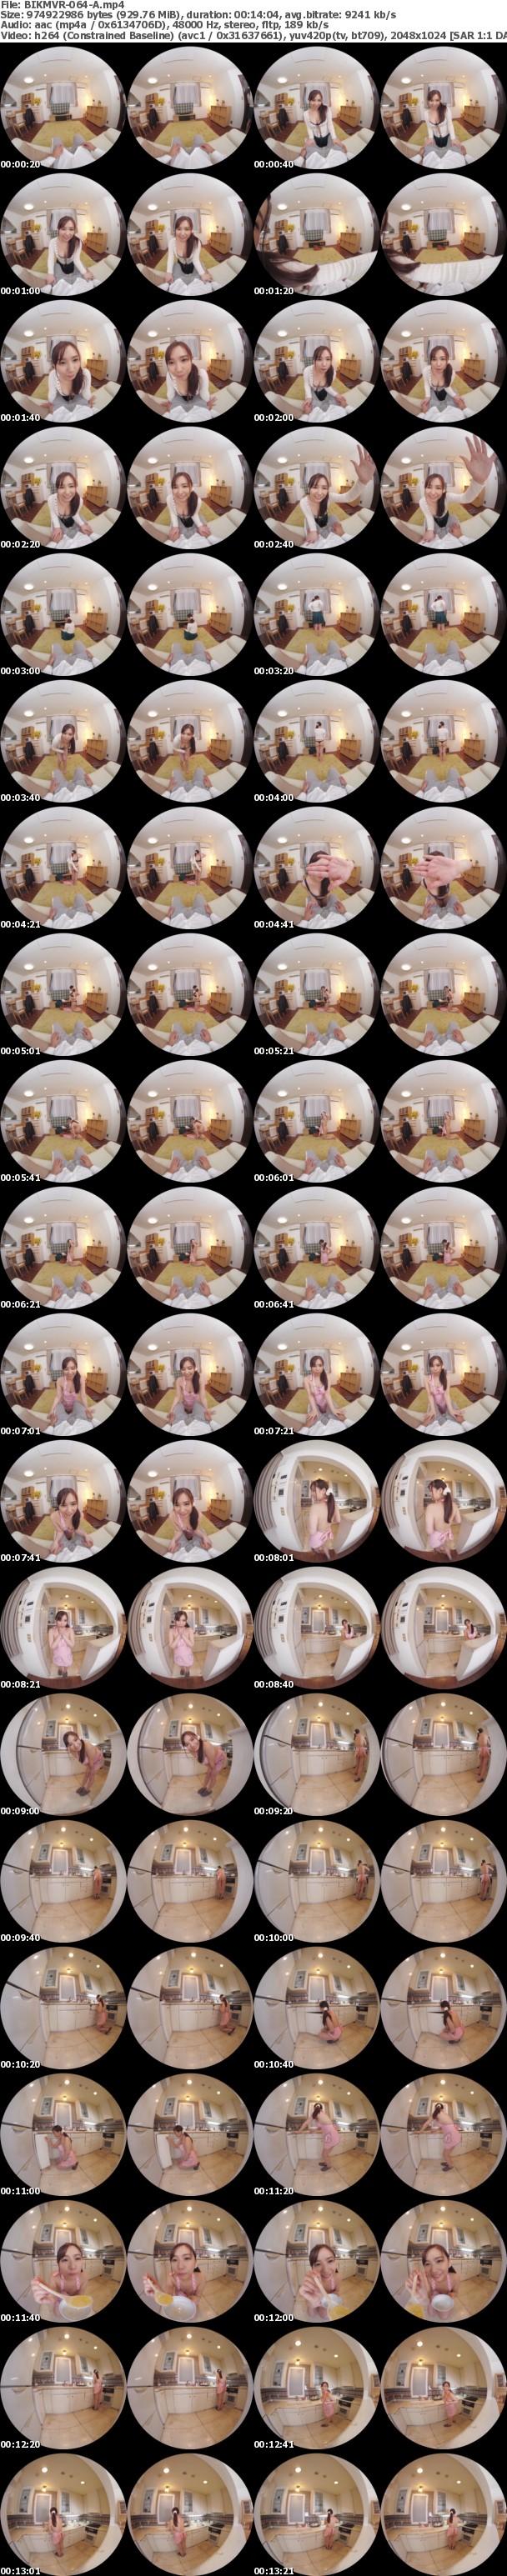 (VR) BIKMVR-064 バブみ全開!!大人を預かってくれるHカップ巨乳無認可中出し派遣保育士 笹倉杏